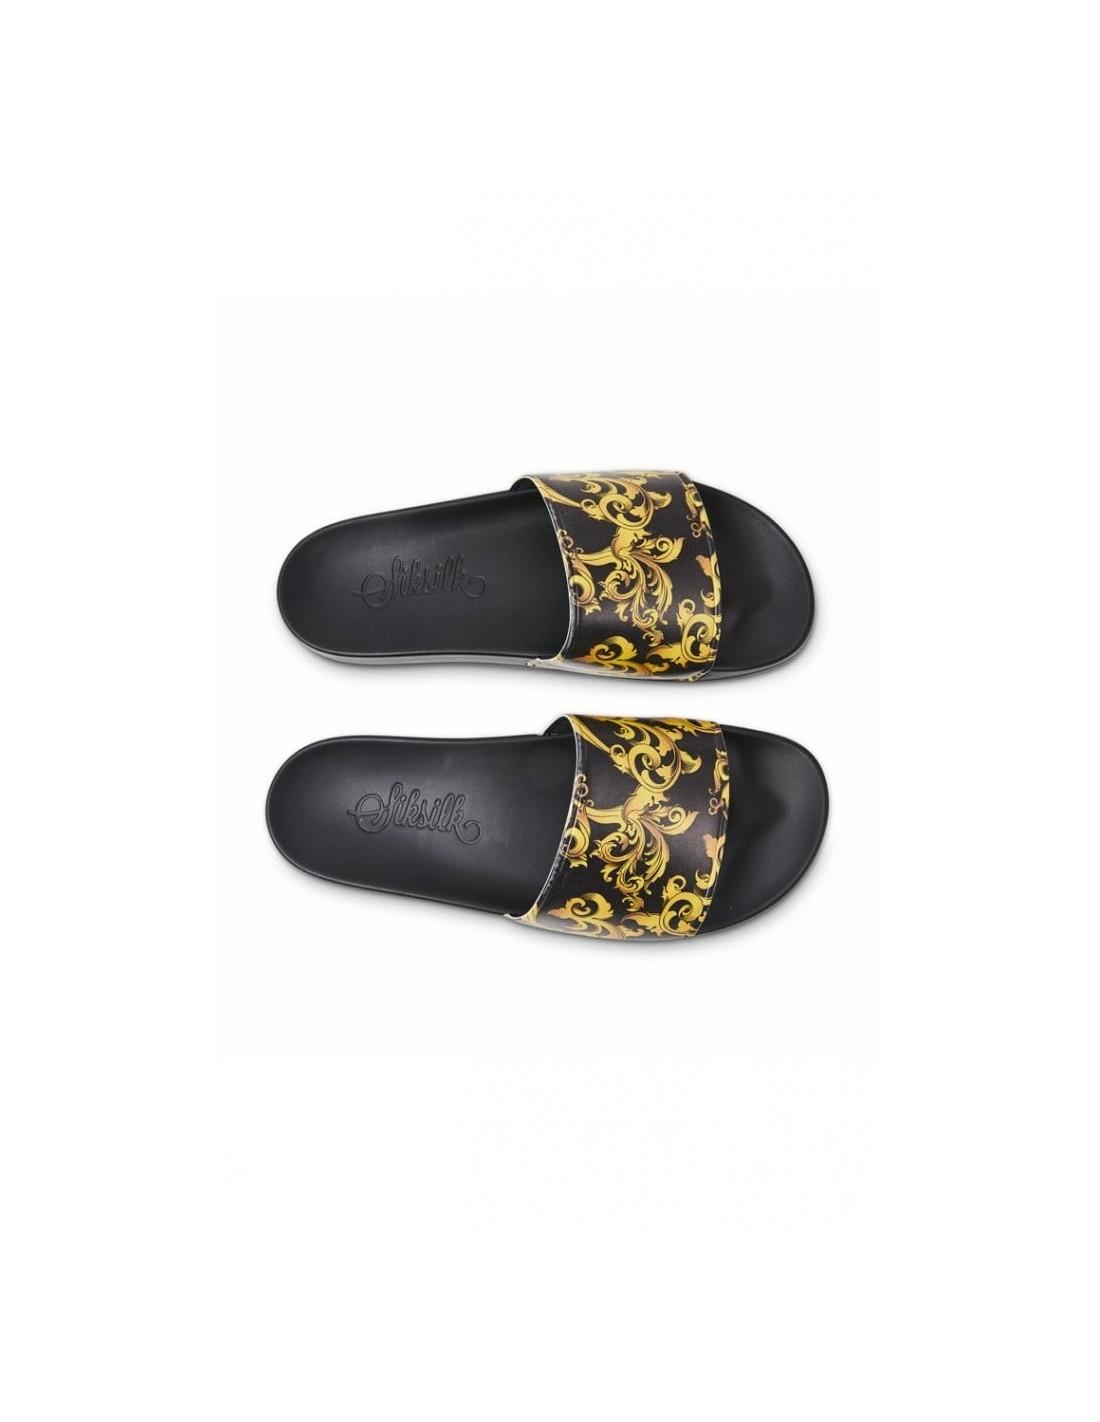 Camisa SikSilk Cartel - Negro y Oro